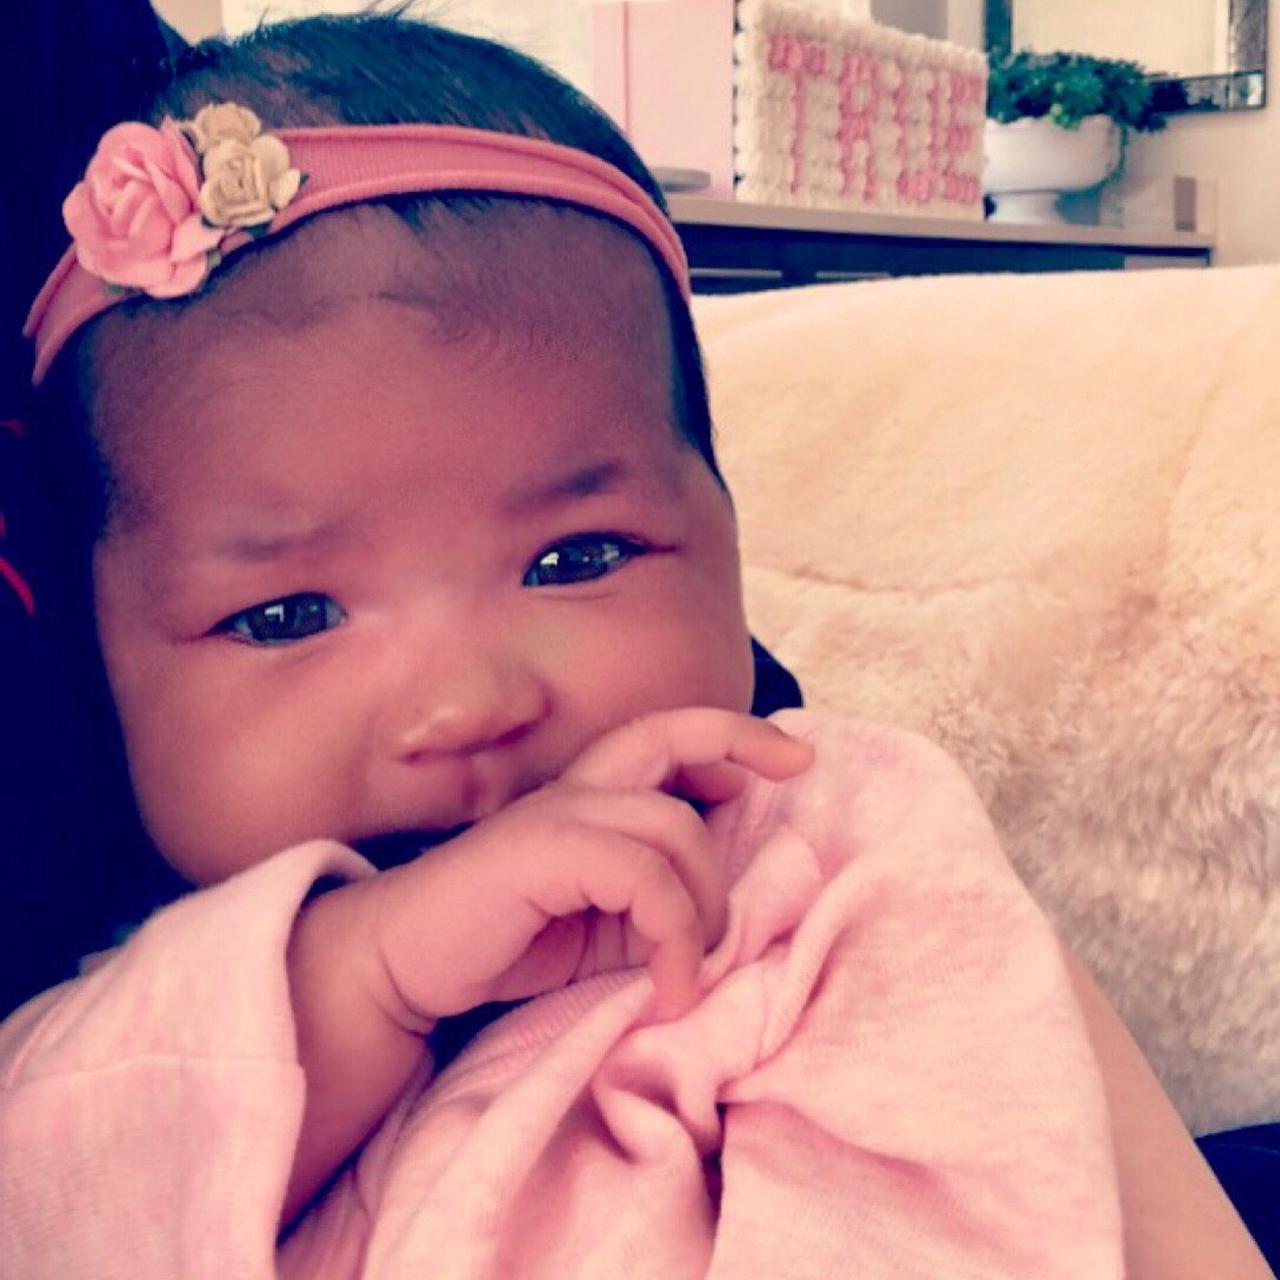 画像1: KhloéさんはInstagramを利用しています:「Baby True 」 www.instagram.com